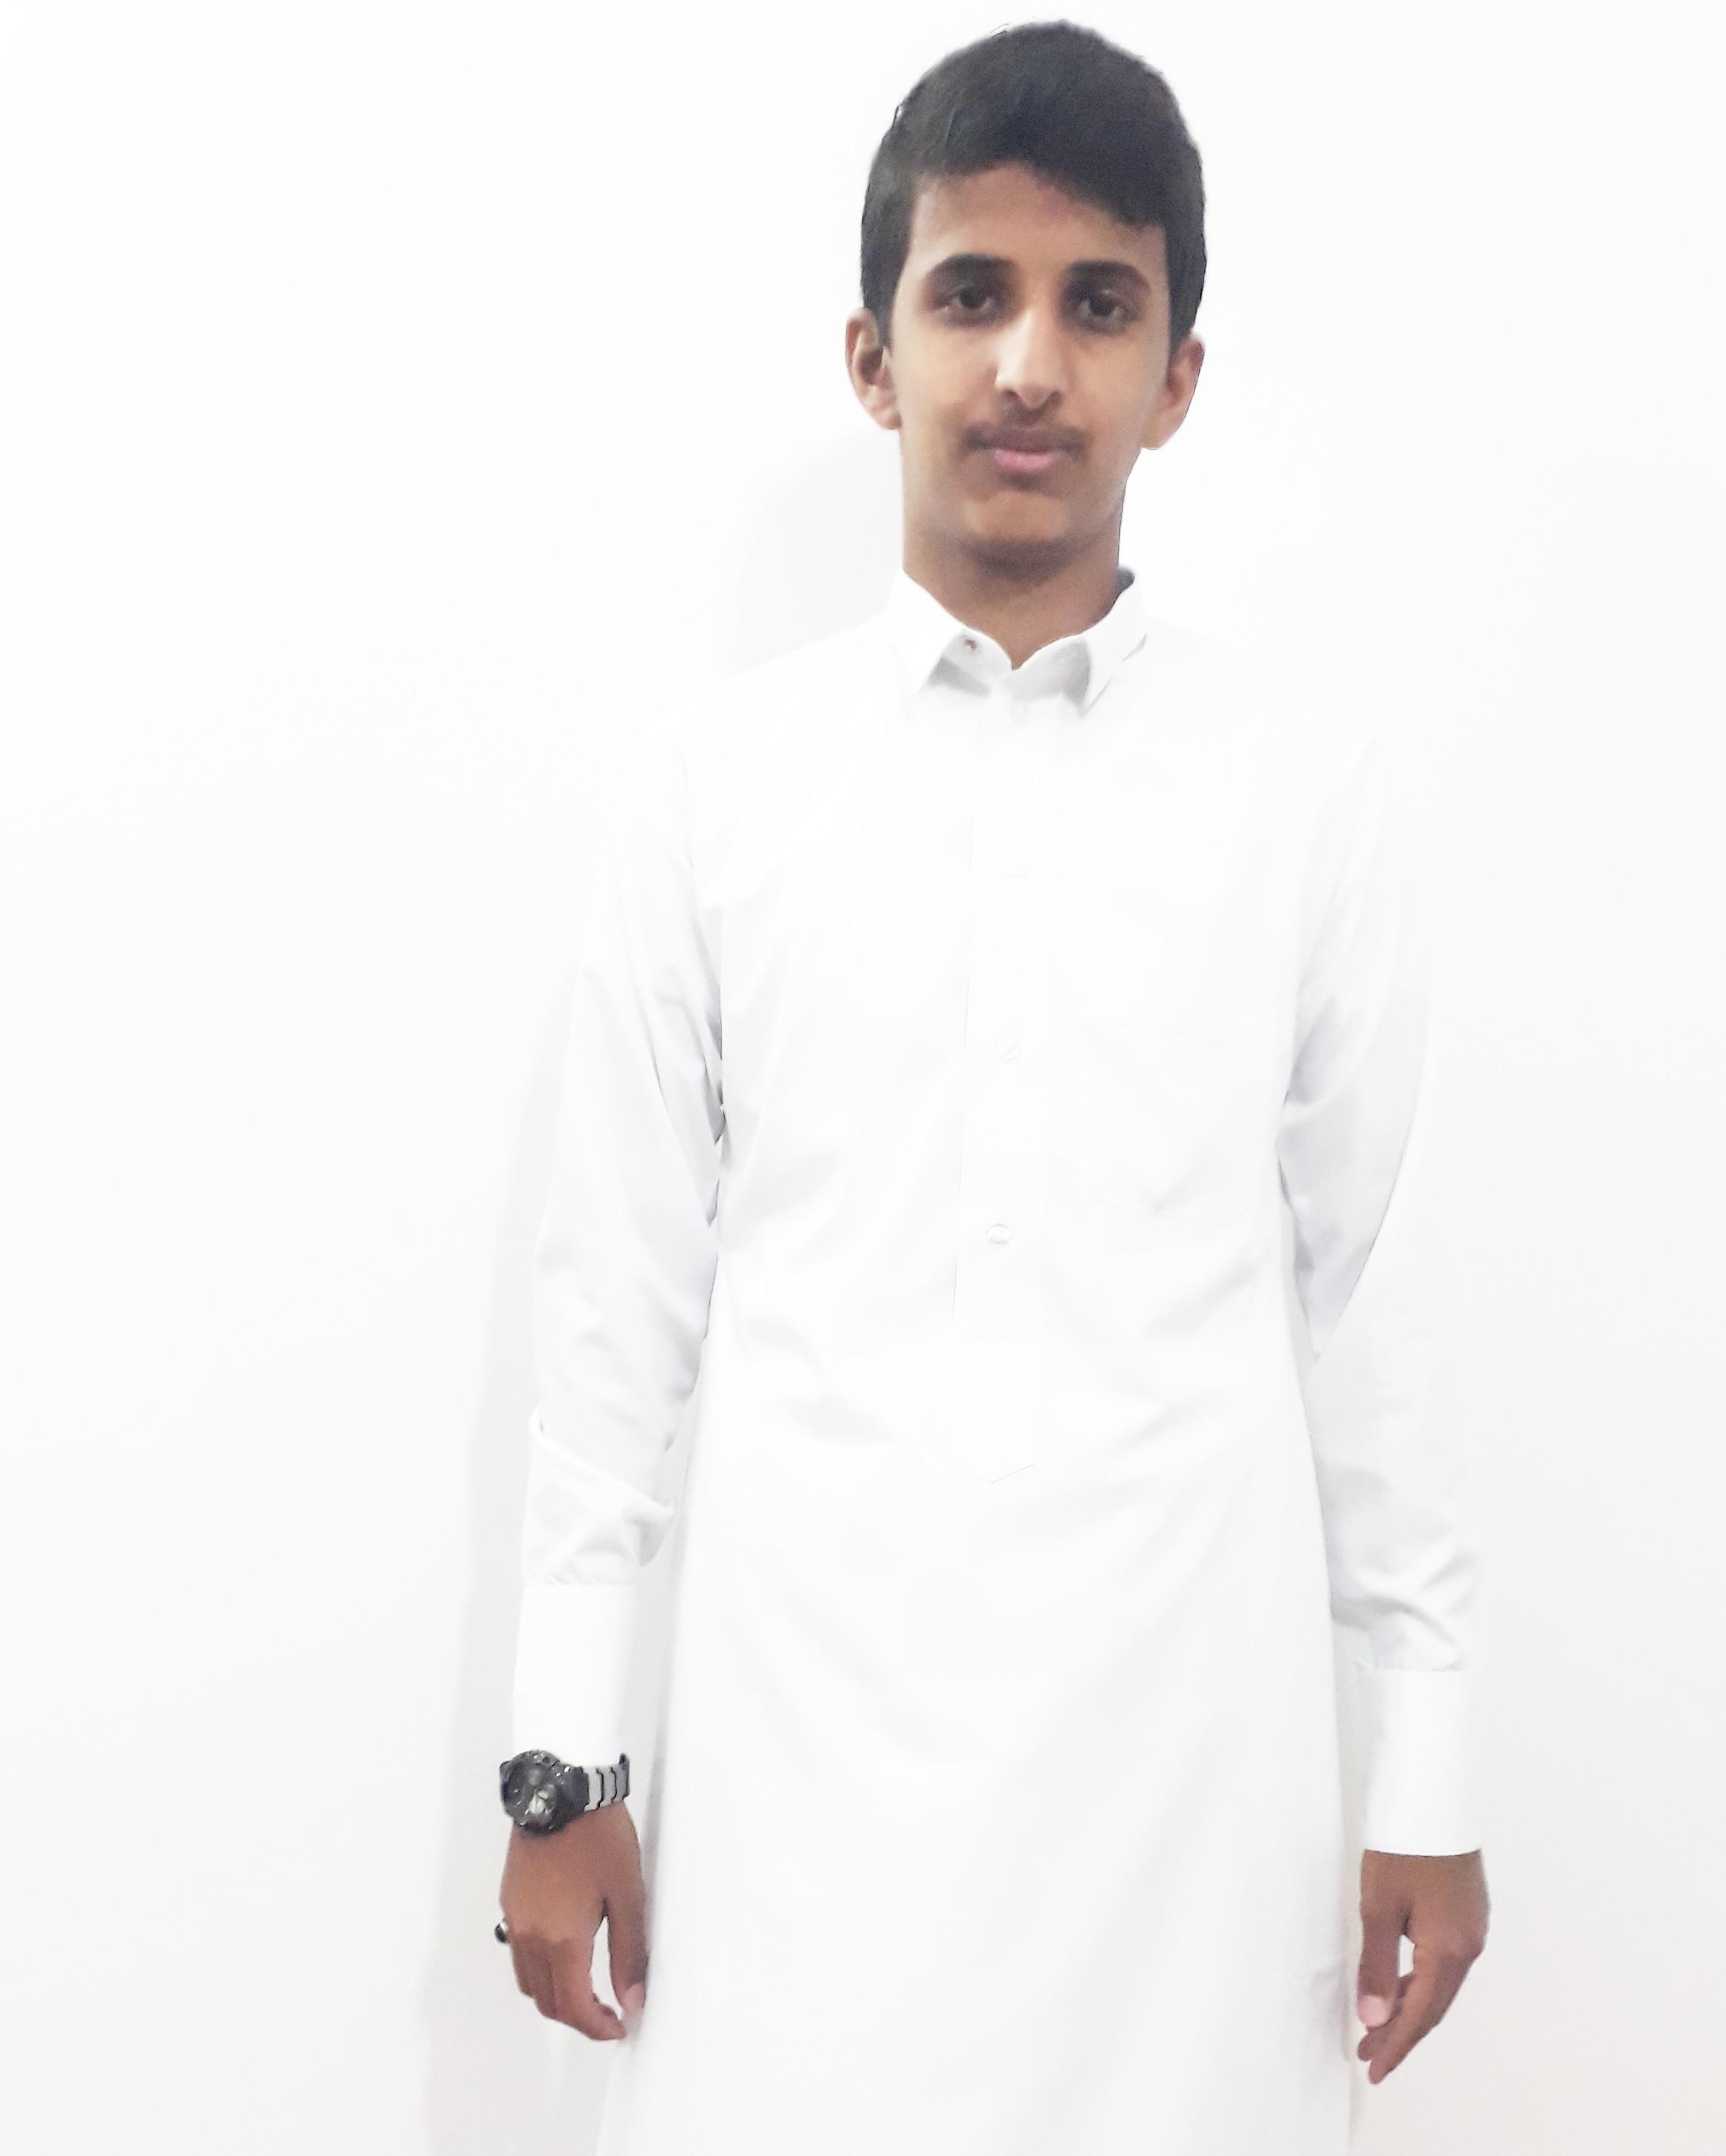 سلمان أحمد هادي غابري